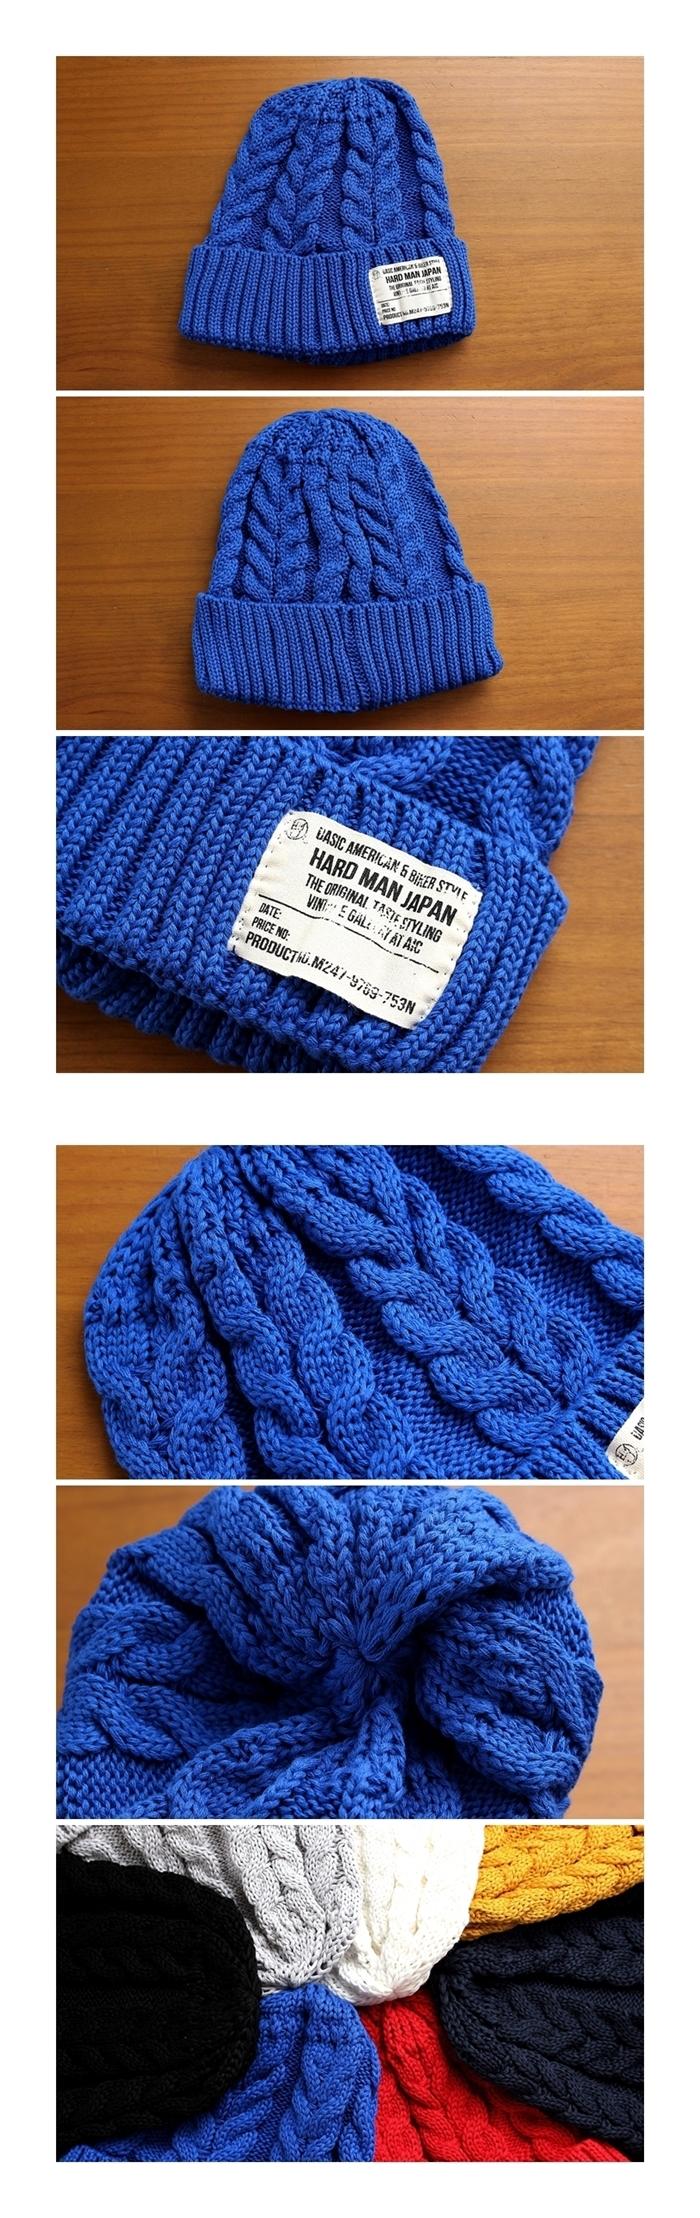 2017-01-21 ケーブル編みデザイン ローゲージ コットンニット キャップ ハードマンジャパン HARDMAN JAPAN 2-vert